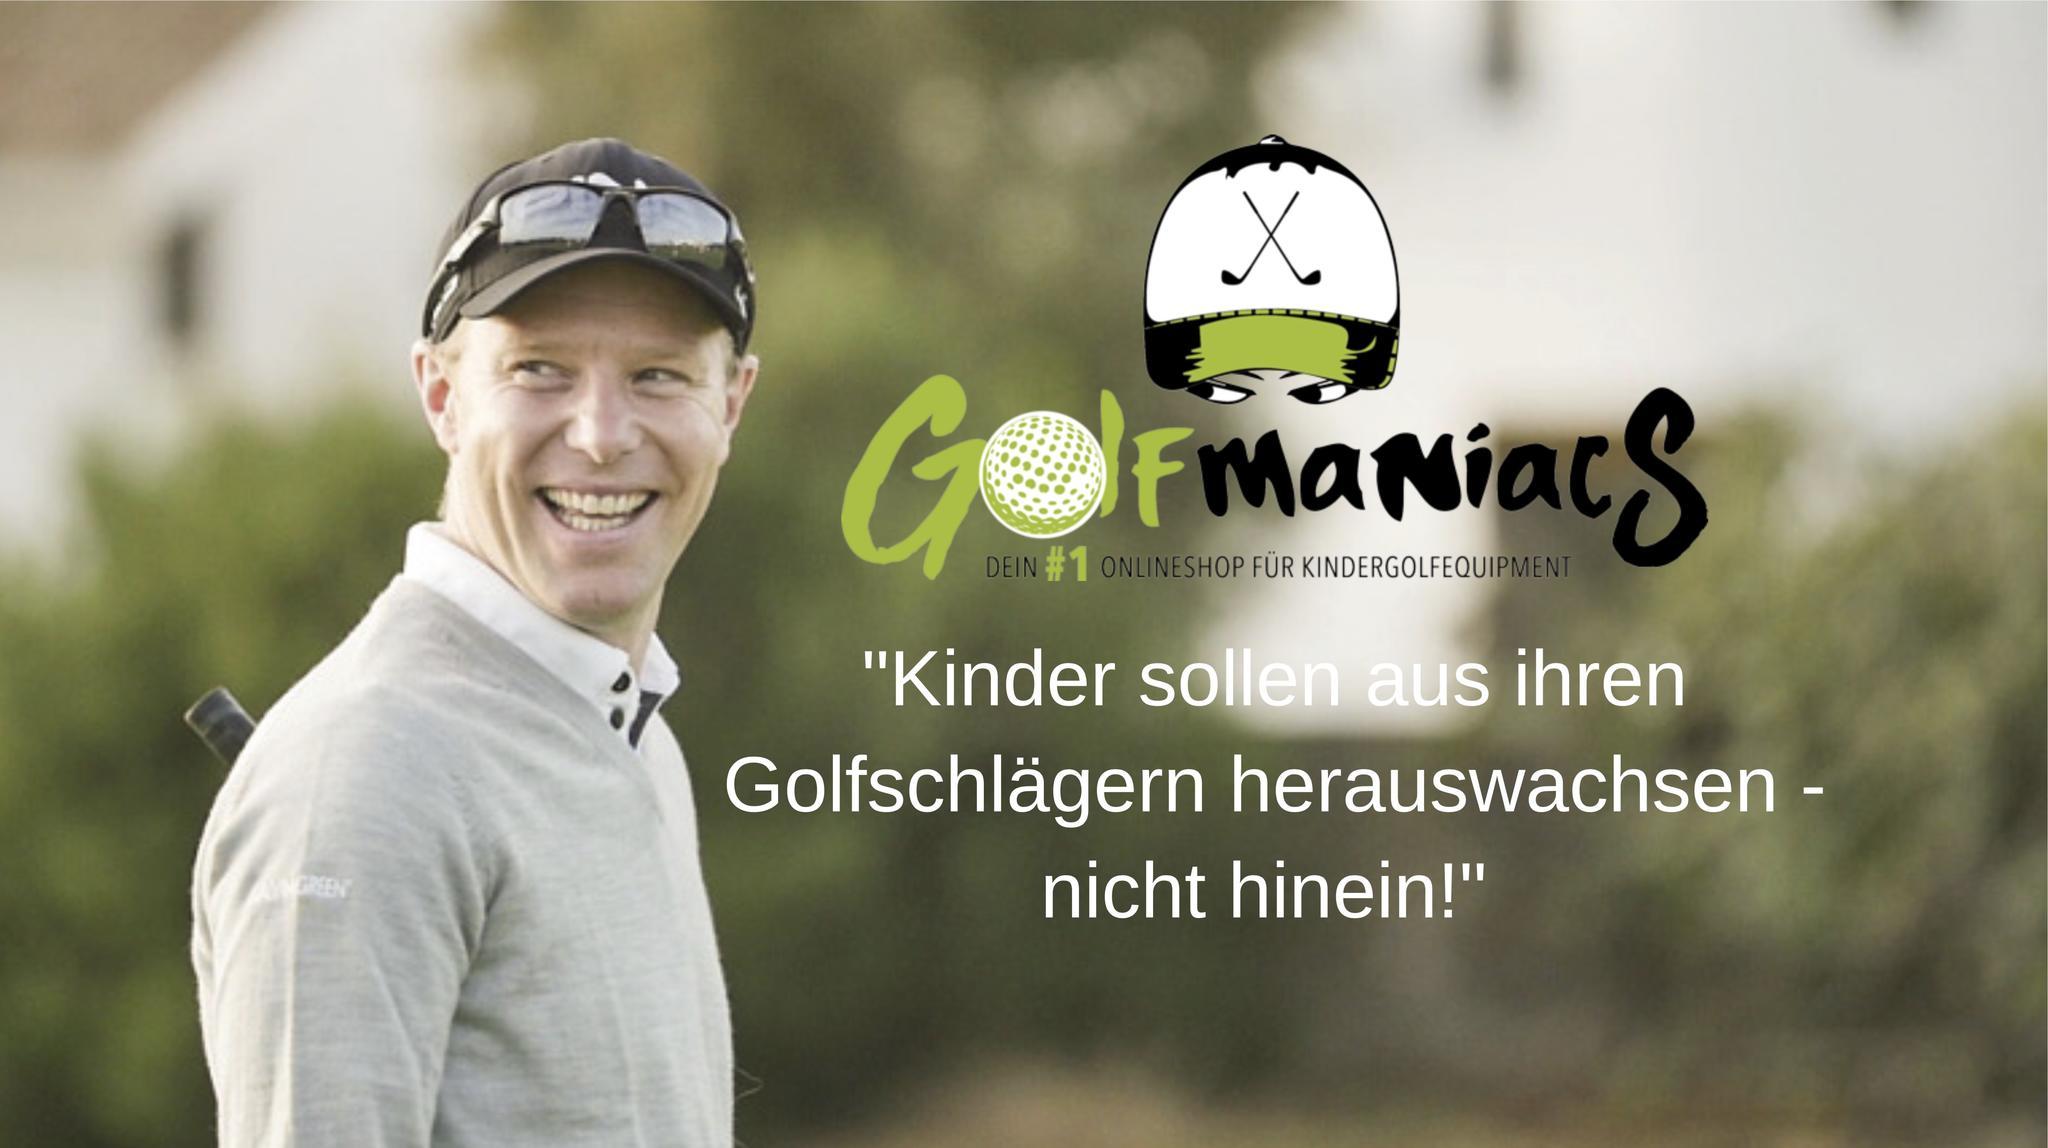 Golfschläger mieten